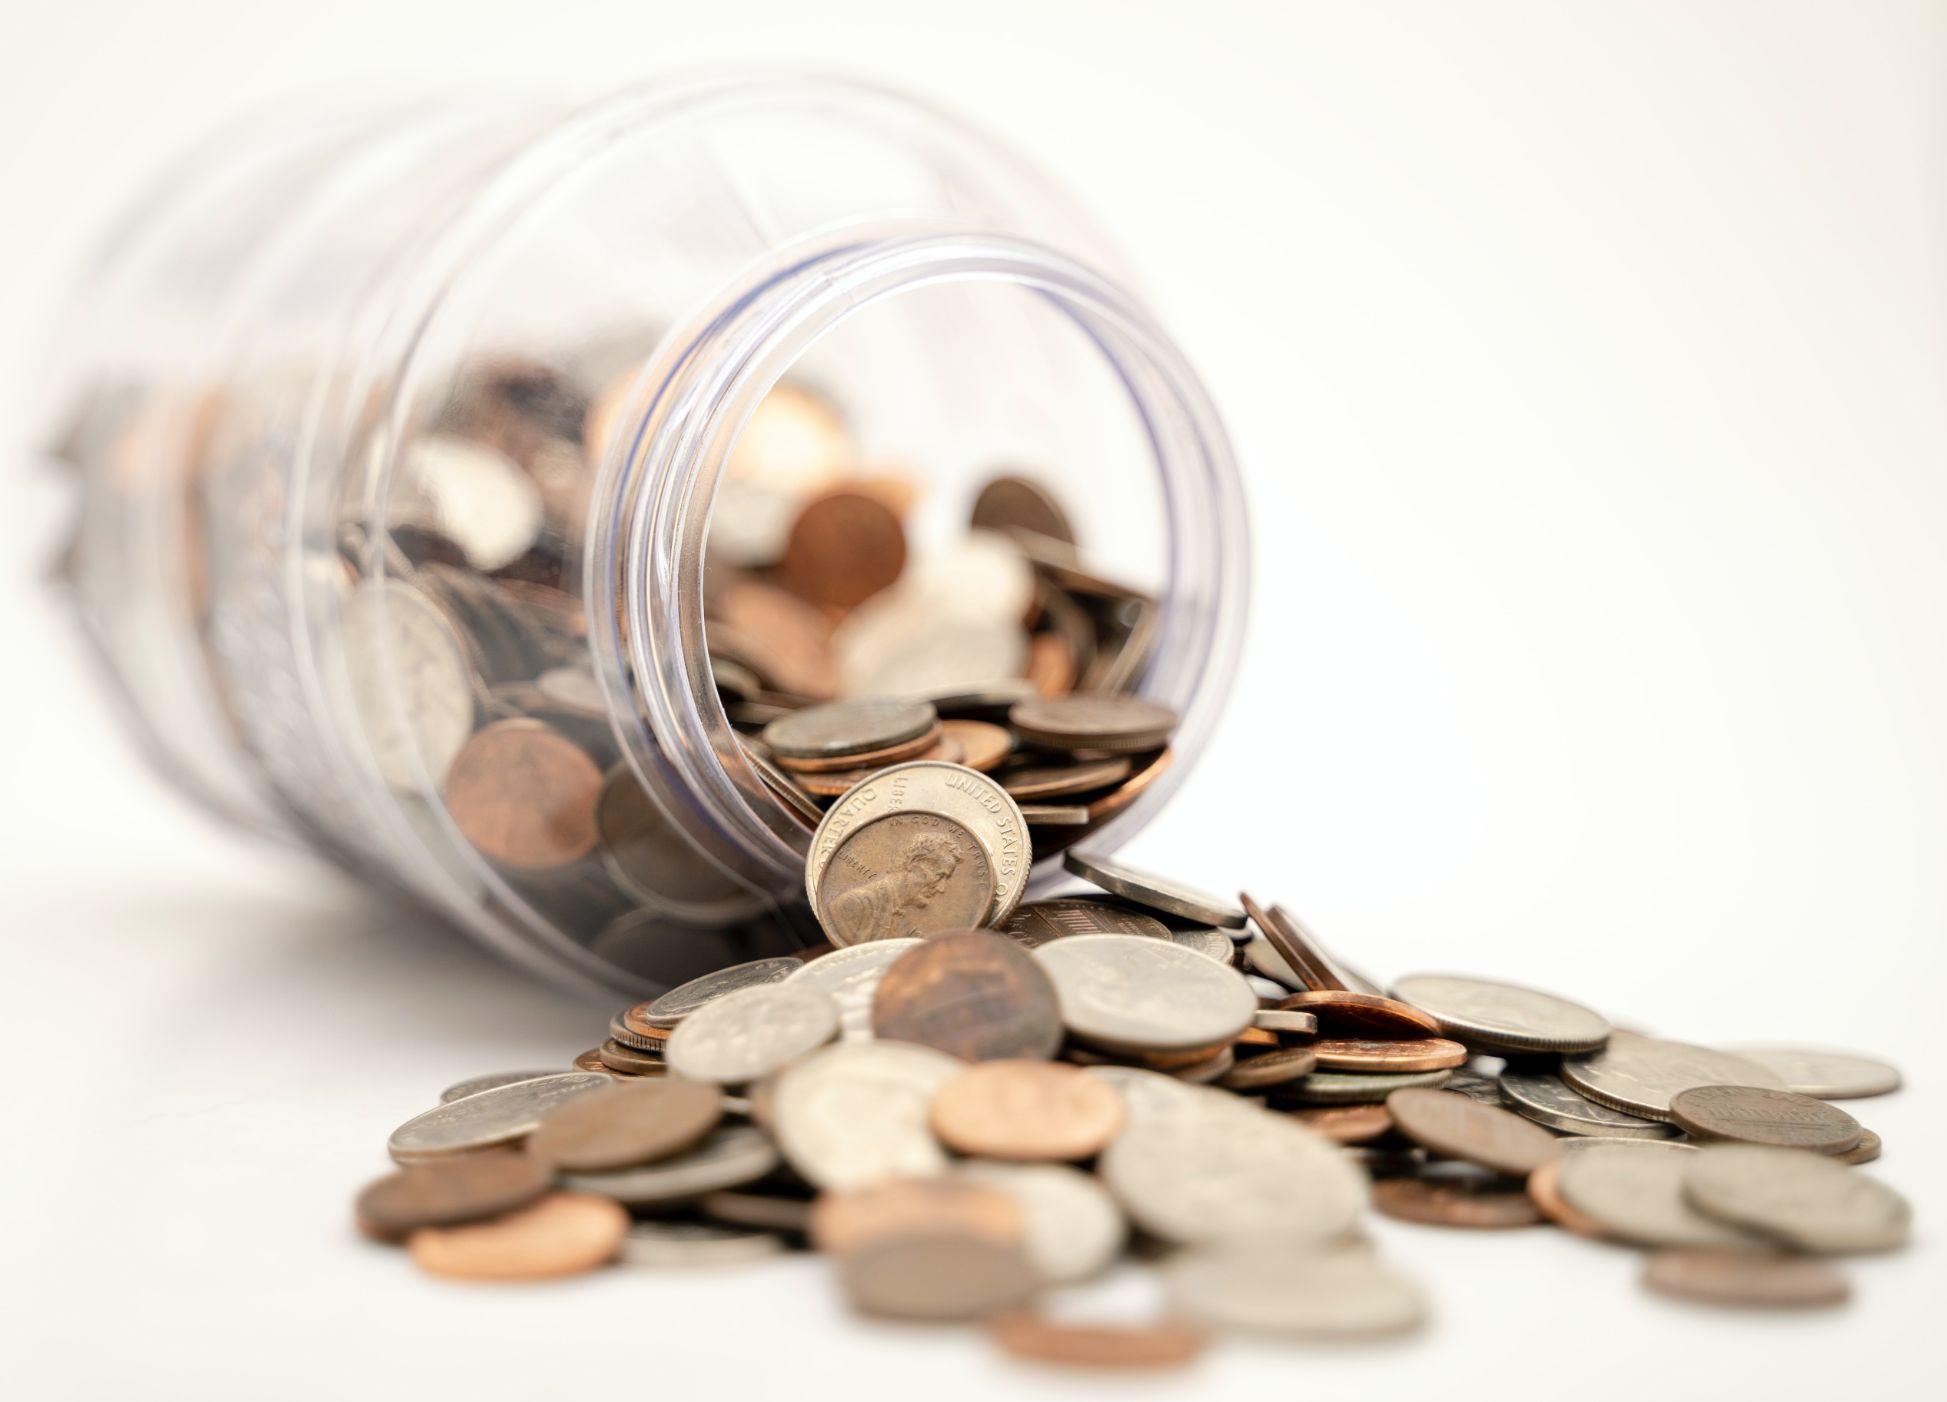 Ce sunt veniturile suplimentare?